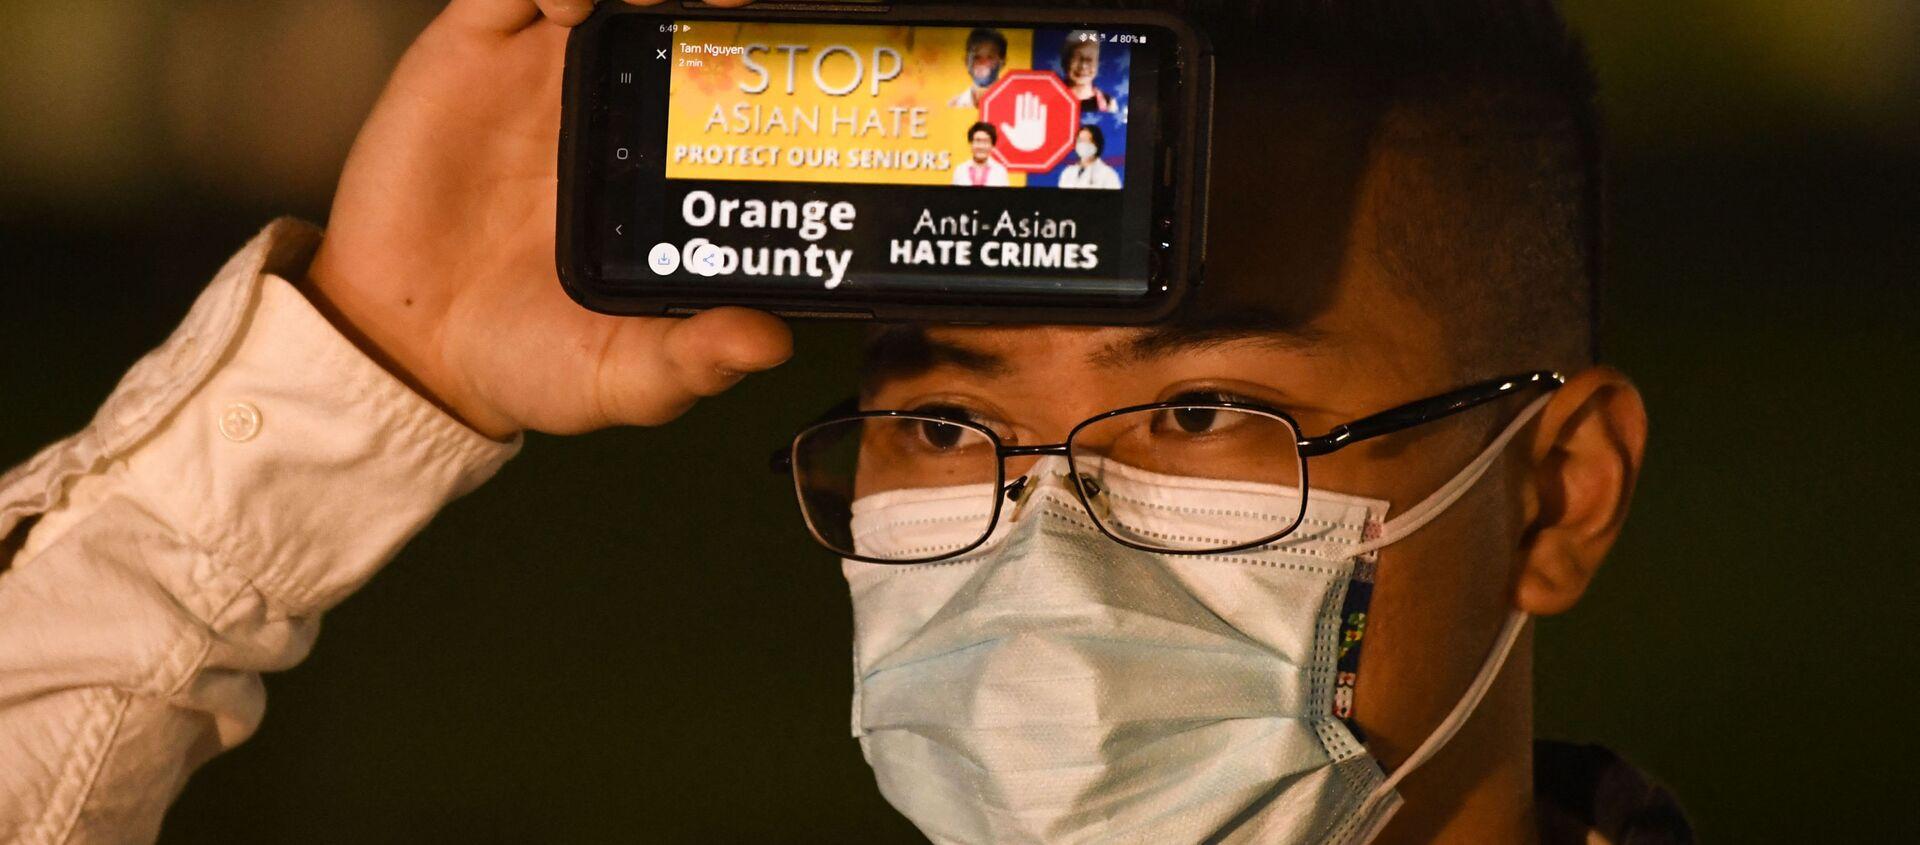 Một người đàn ông cầm điện thoại với thông điệp về tội ác căm thù đối với người Mỹ gốc Á trong một cuộc đấu trí ở Fountain Valley, California - Sputnik Việt Nam, 1920, 19.03.2021